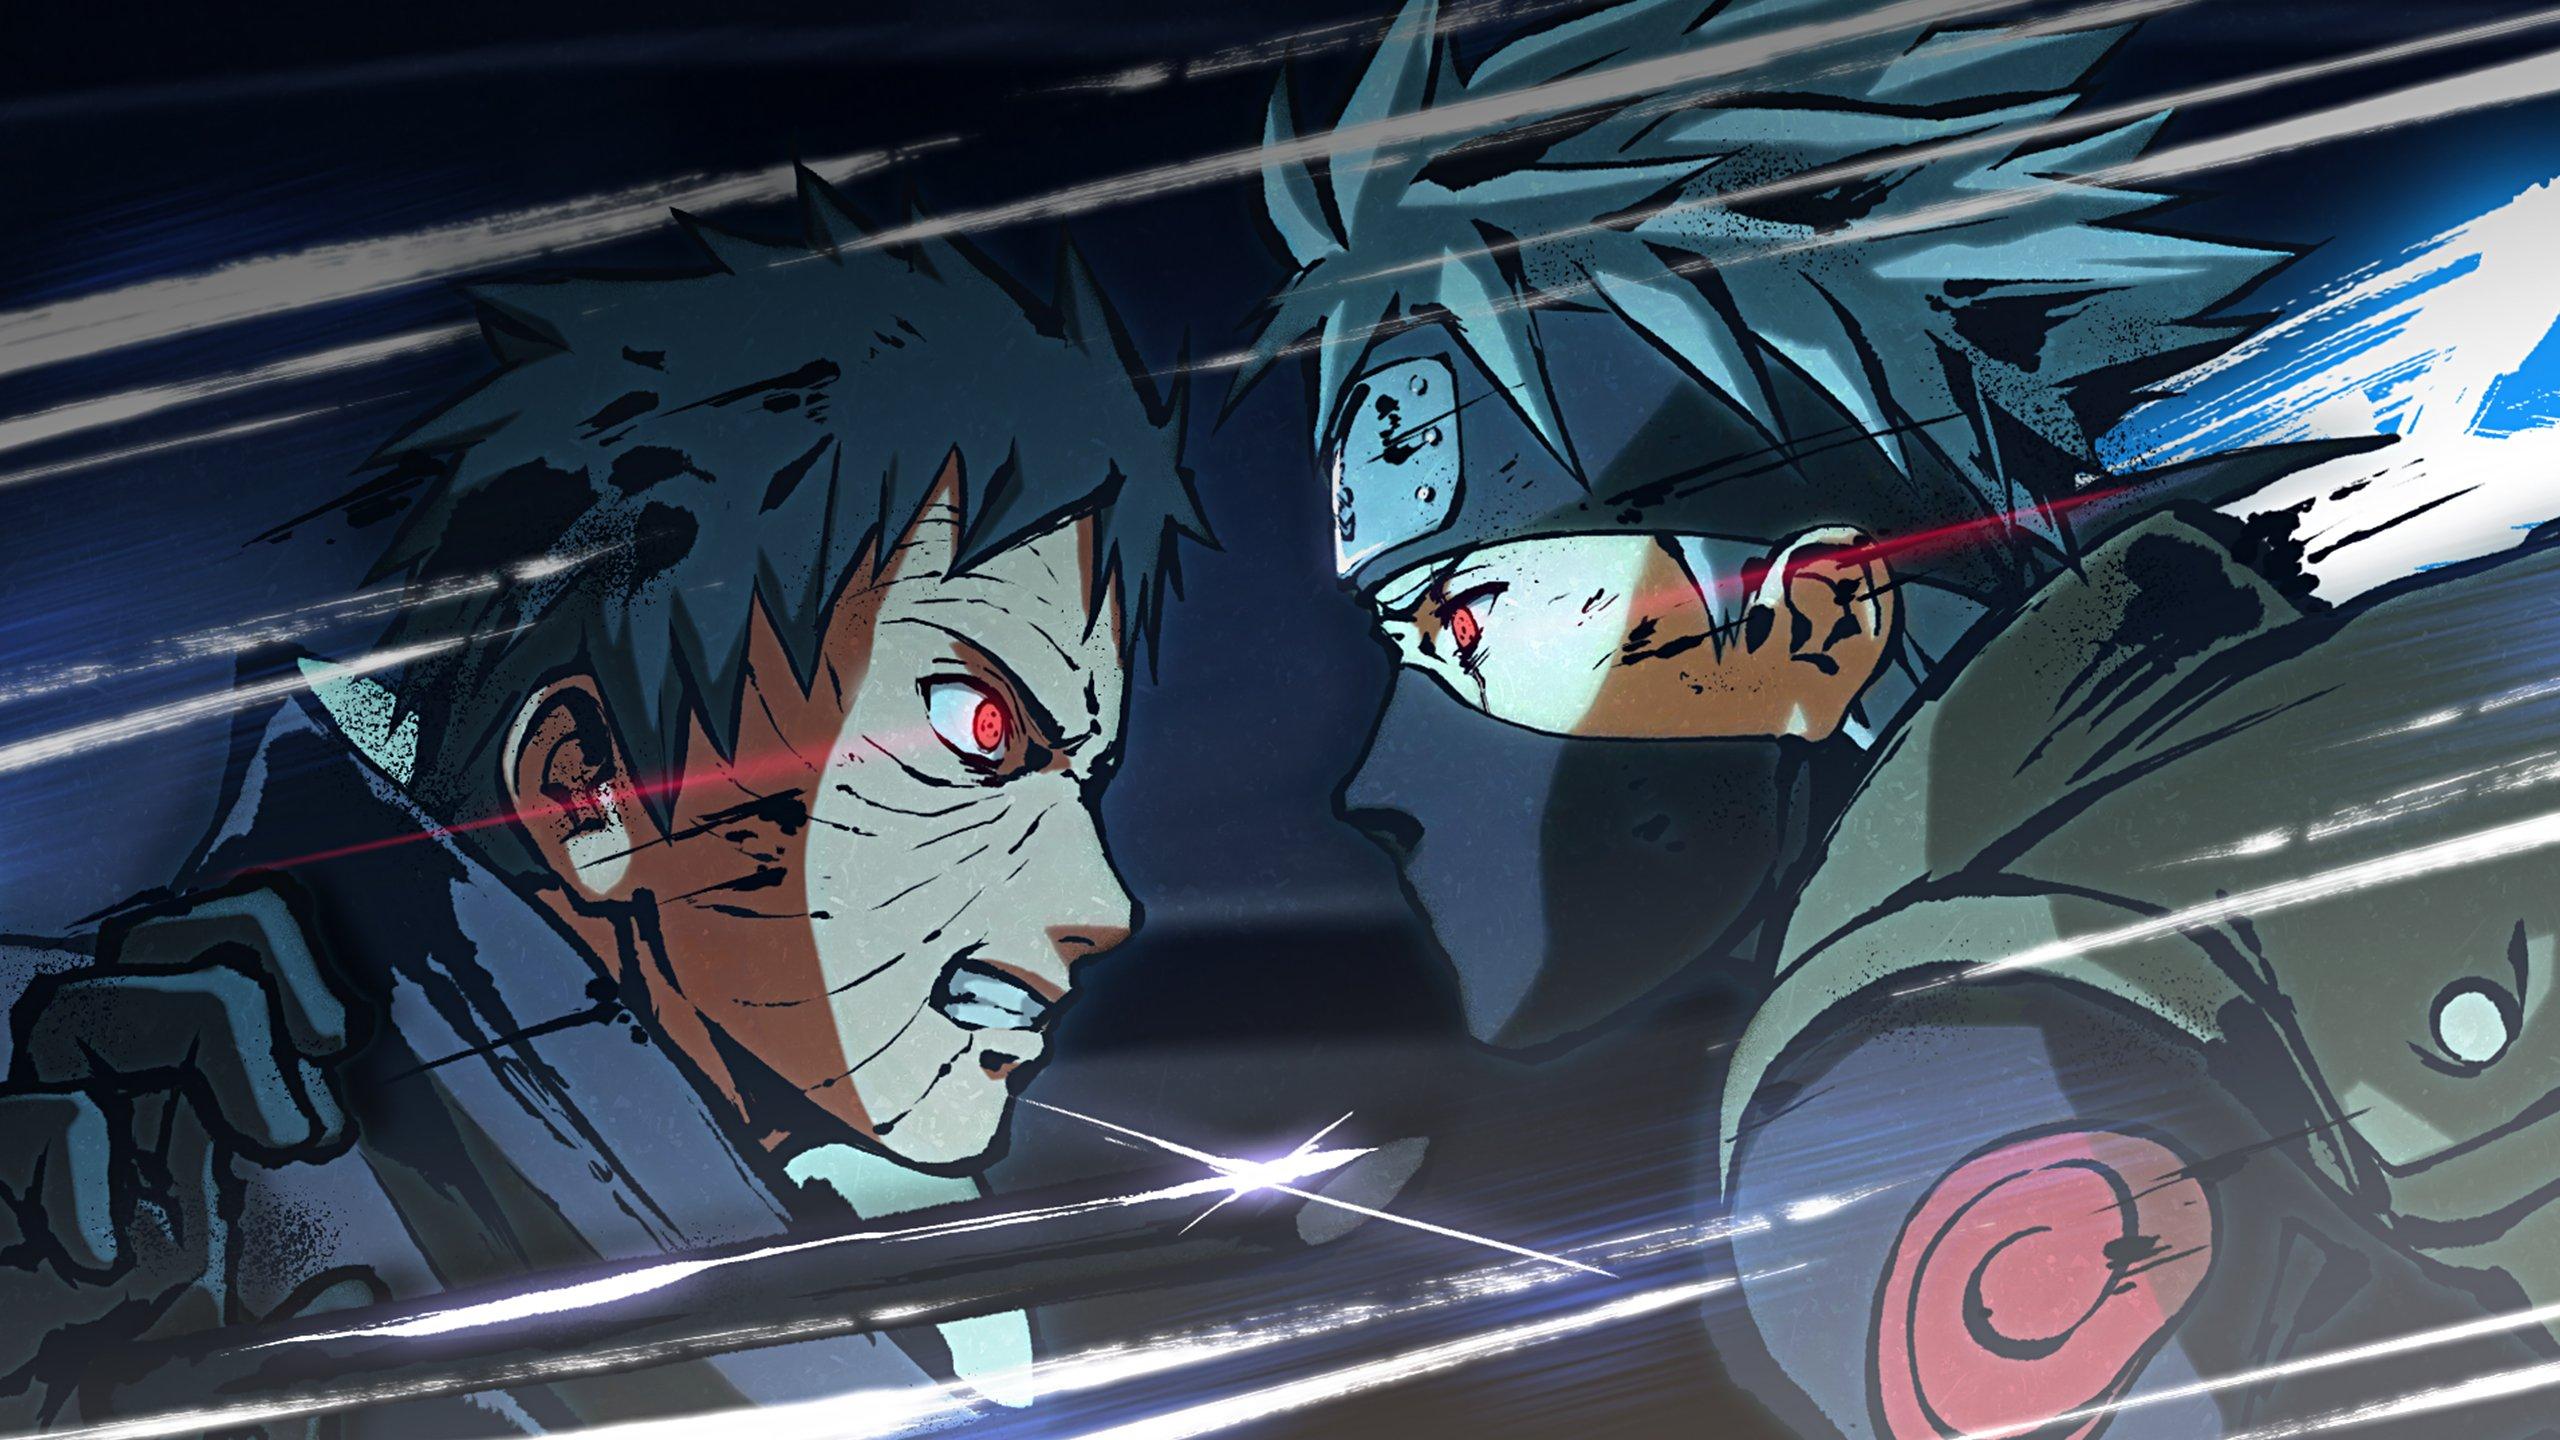 Fondos de pantalla Obito Uchiha contra Kakashi Hatake